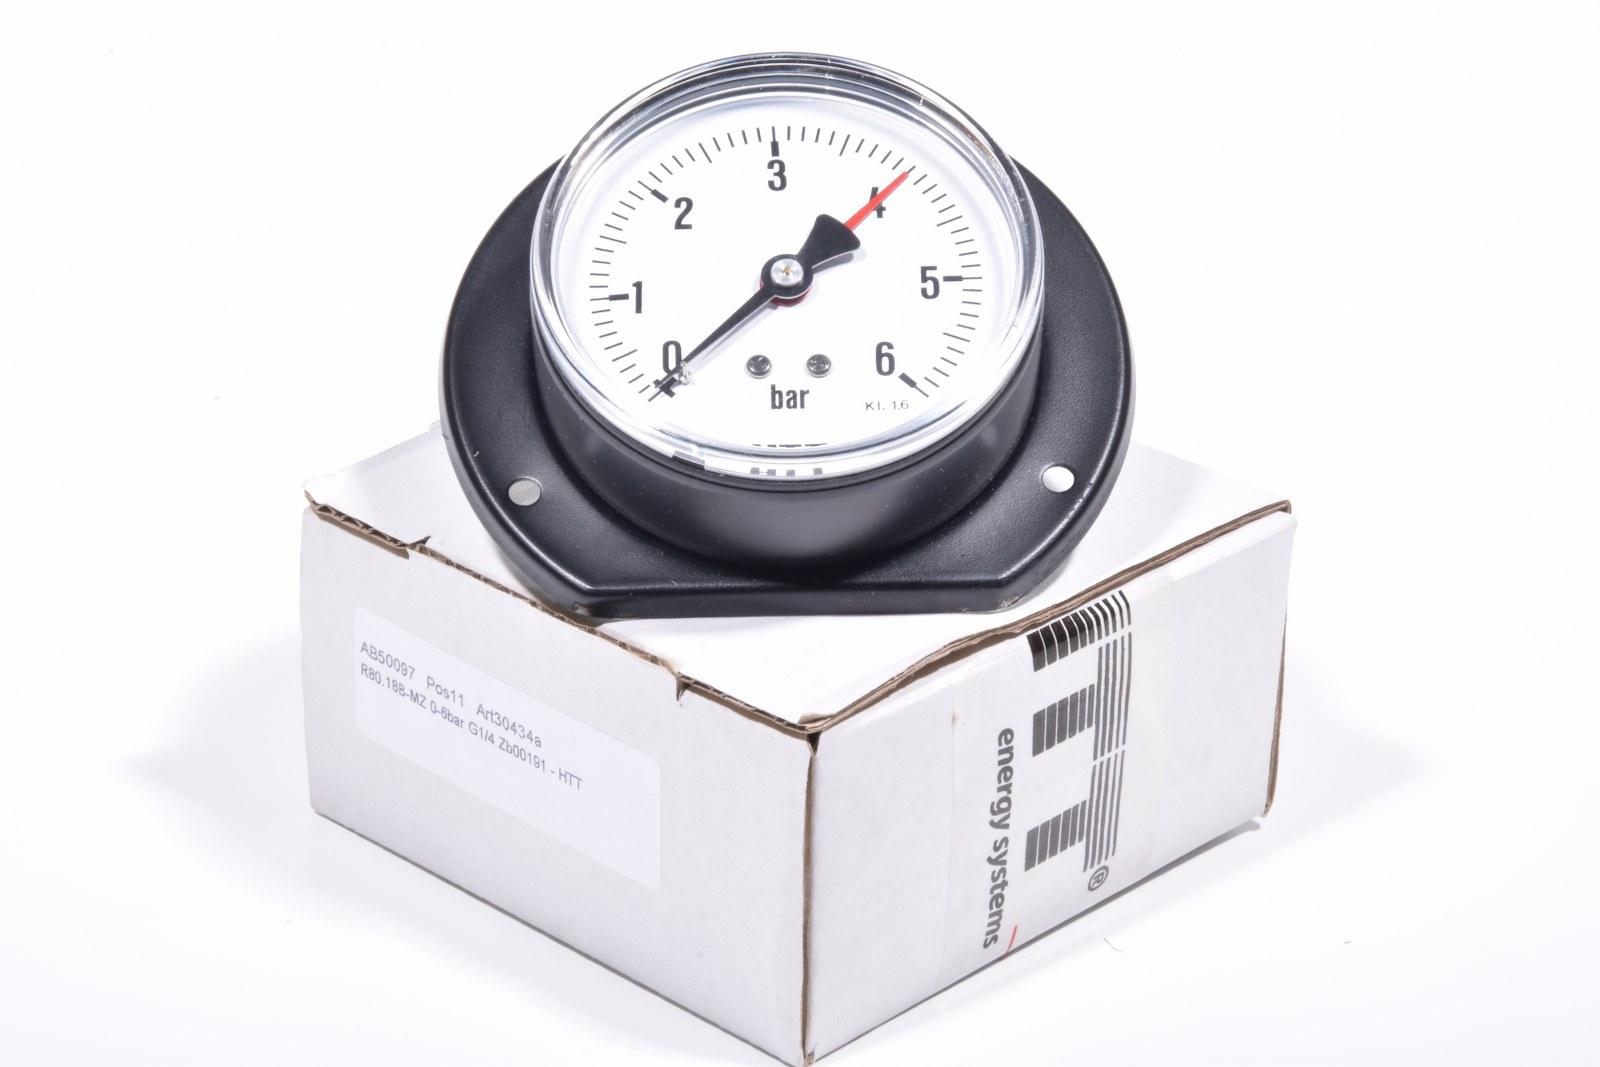 Metrology Measuring Instruments : Measuring tools test lab metrology equipment